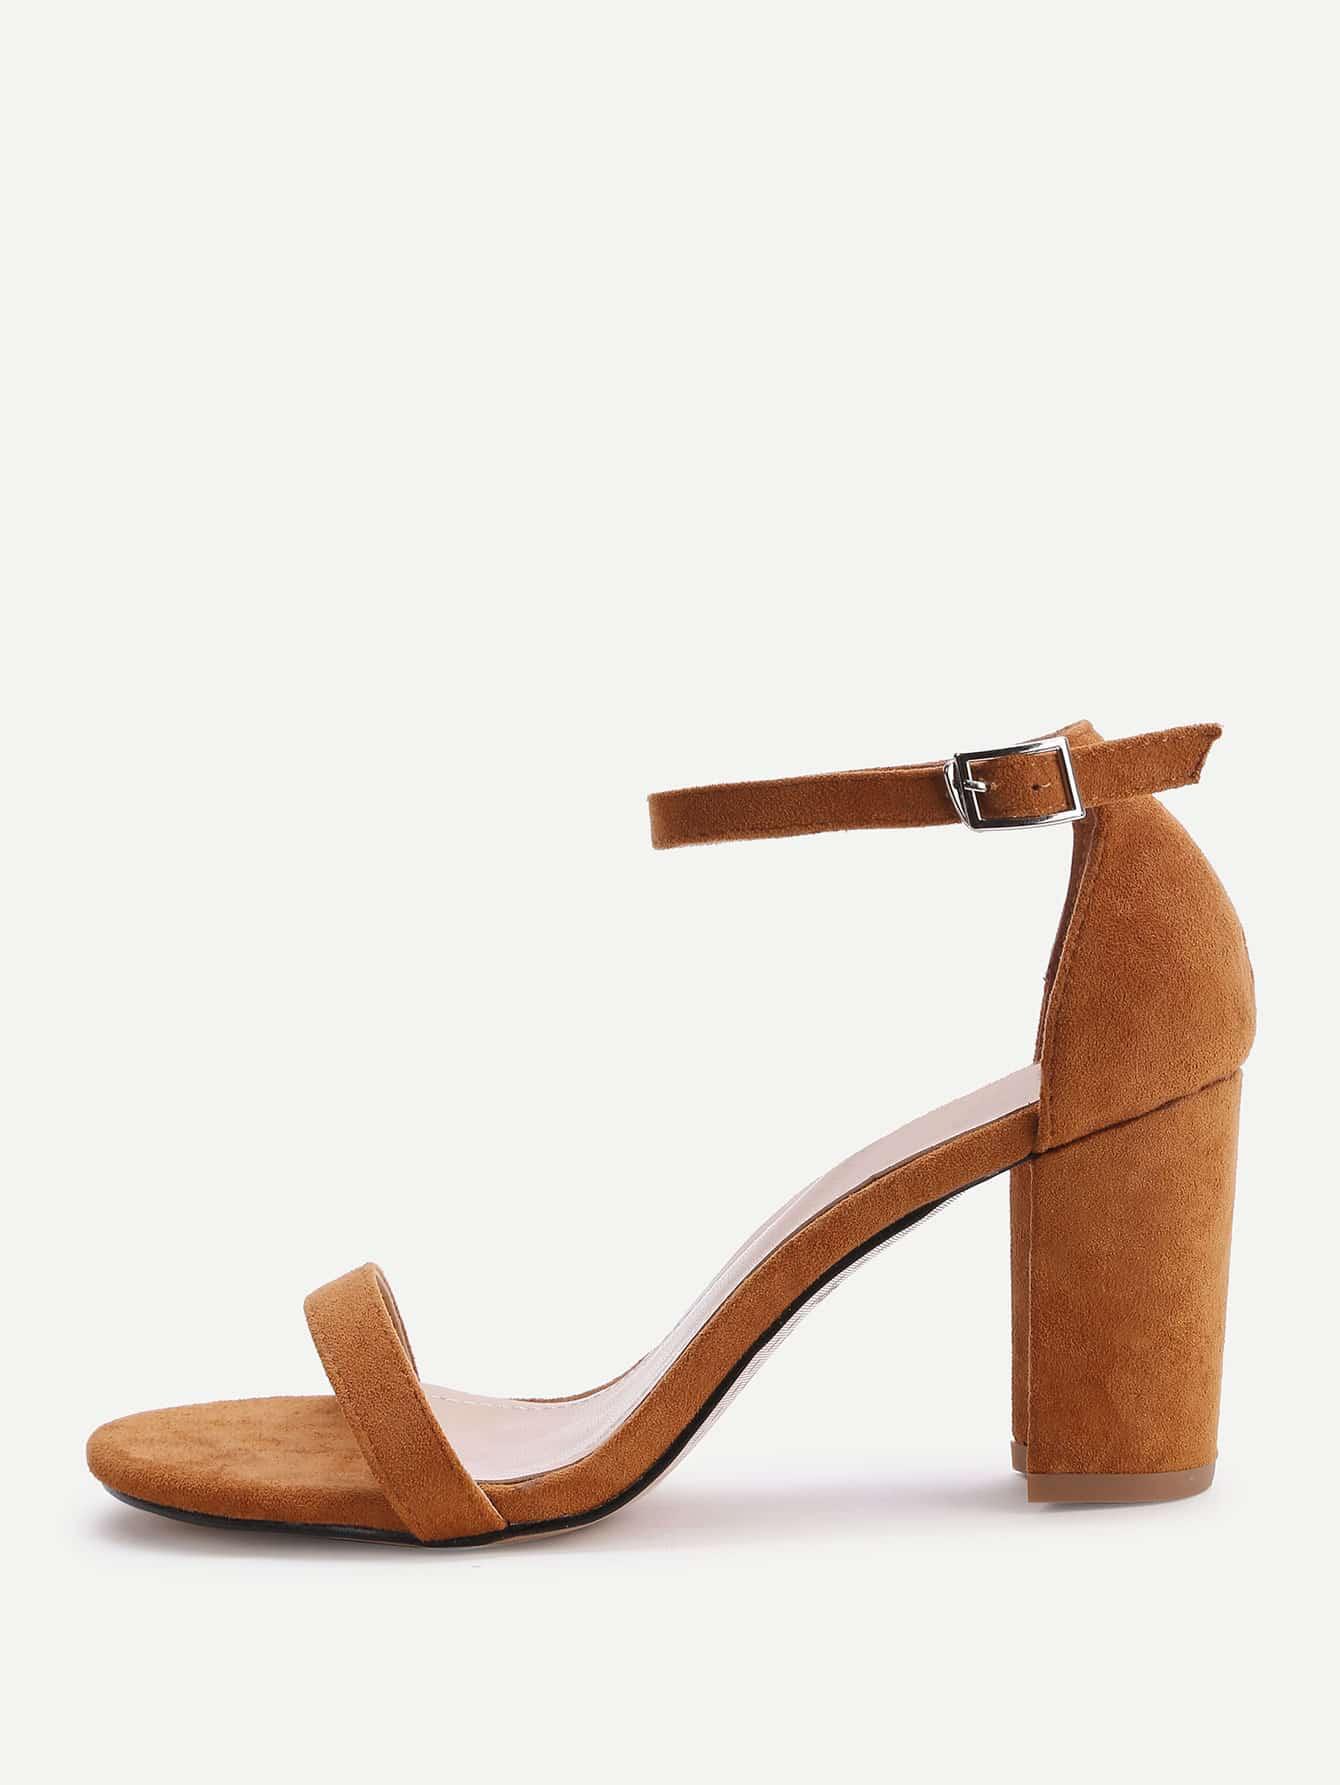 shoes170410805_2